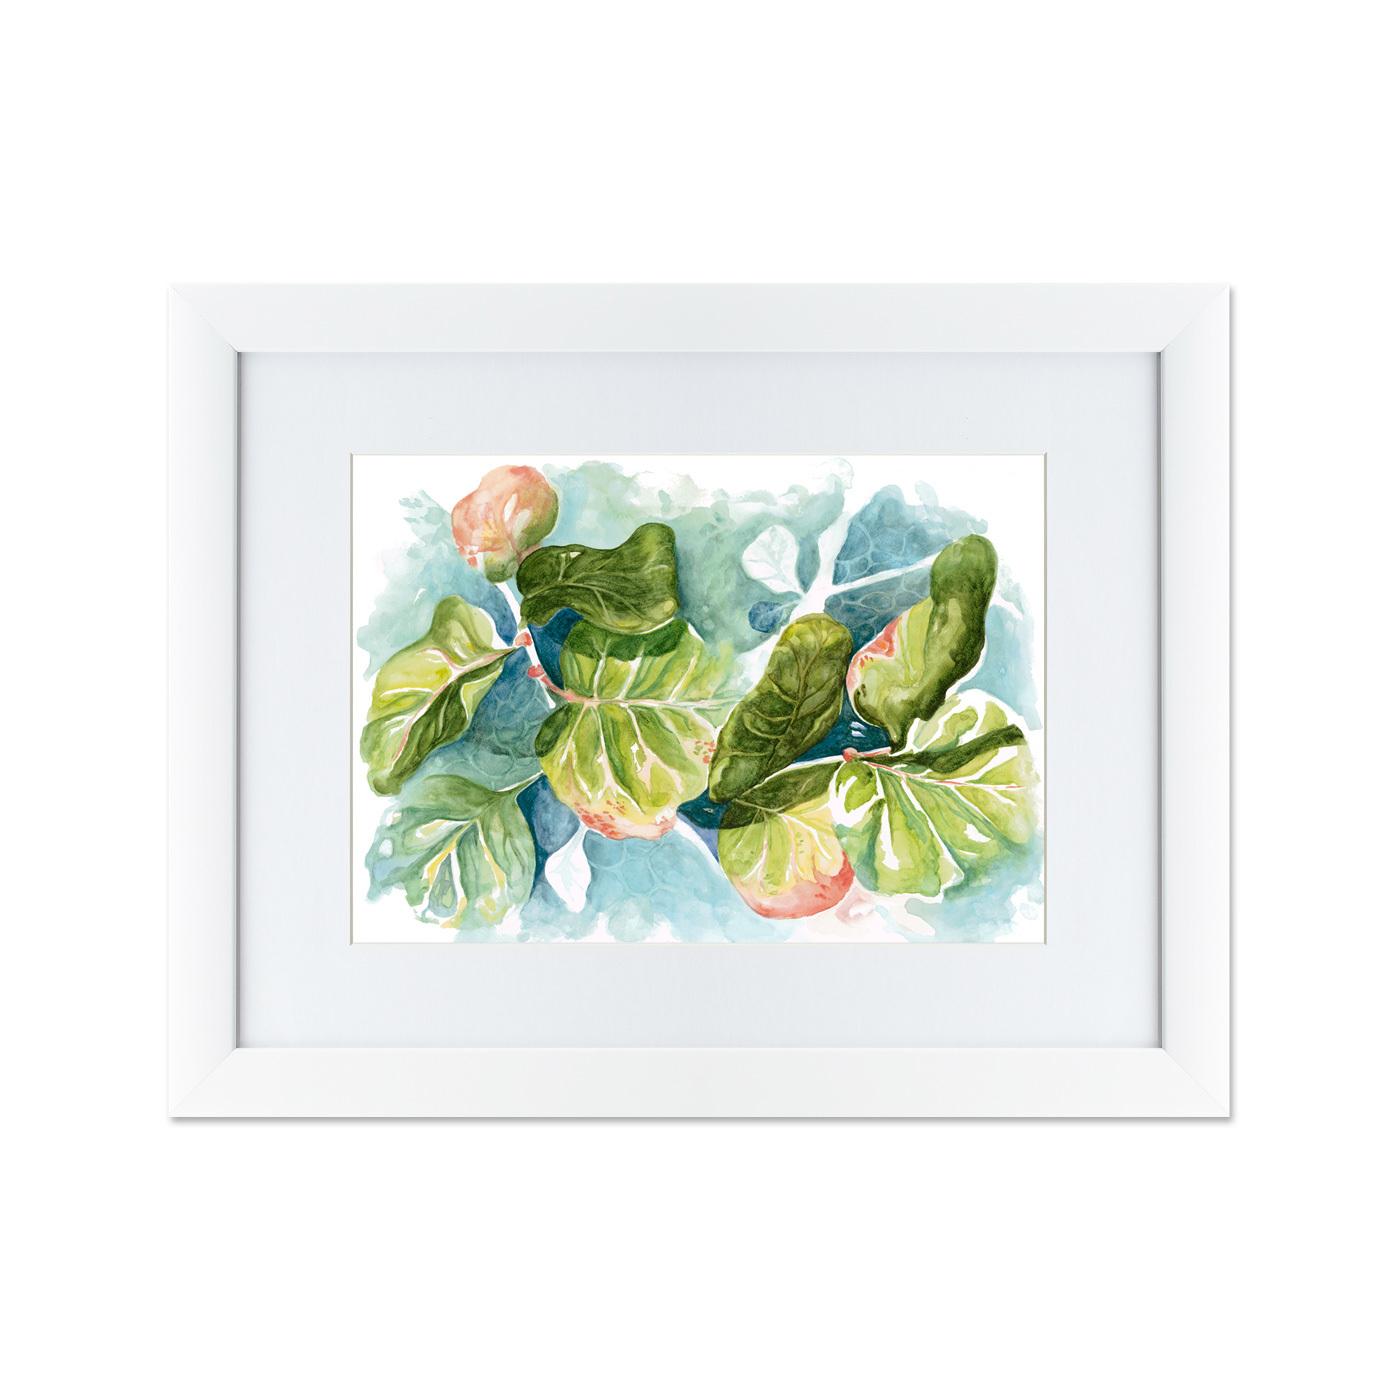 {} Картины в Квартиру Картина Морской Виноград (47х60 см) картины в квартиру картина sunrise 35х77 см